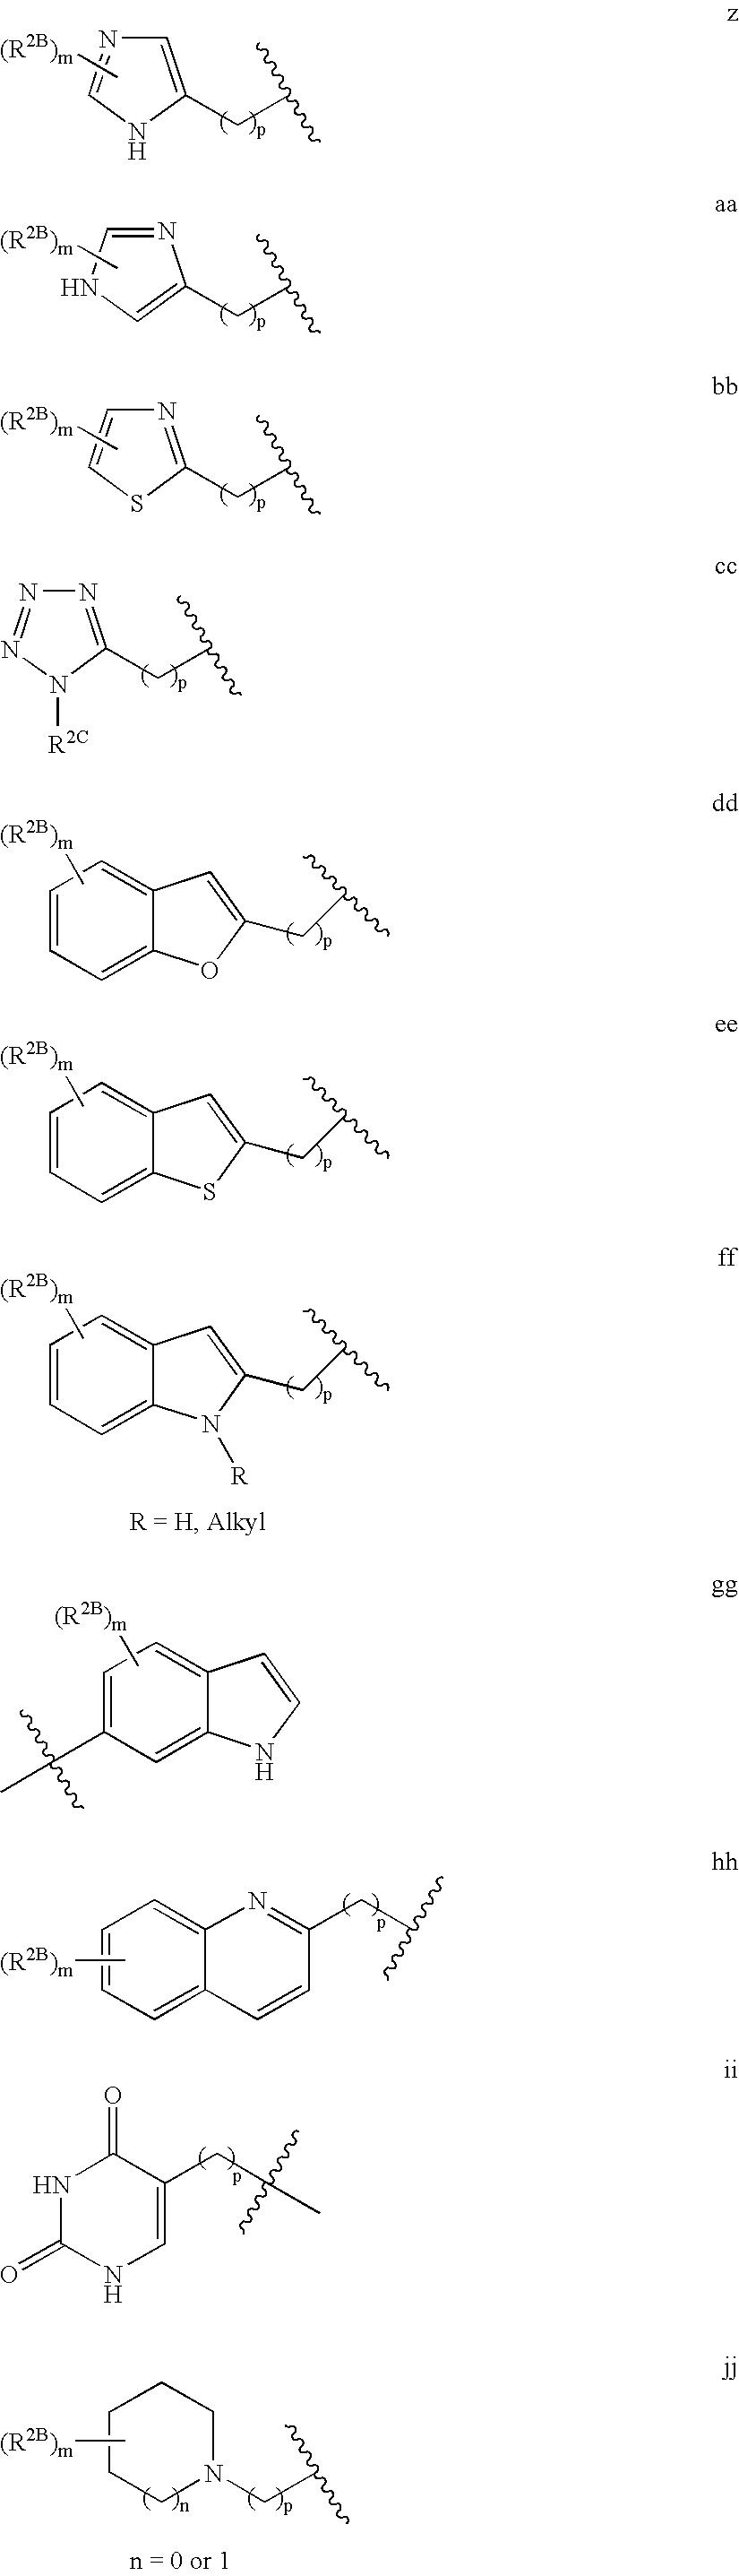 Figure US20040072849A1-20040415-C00169